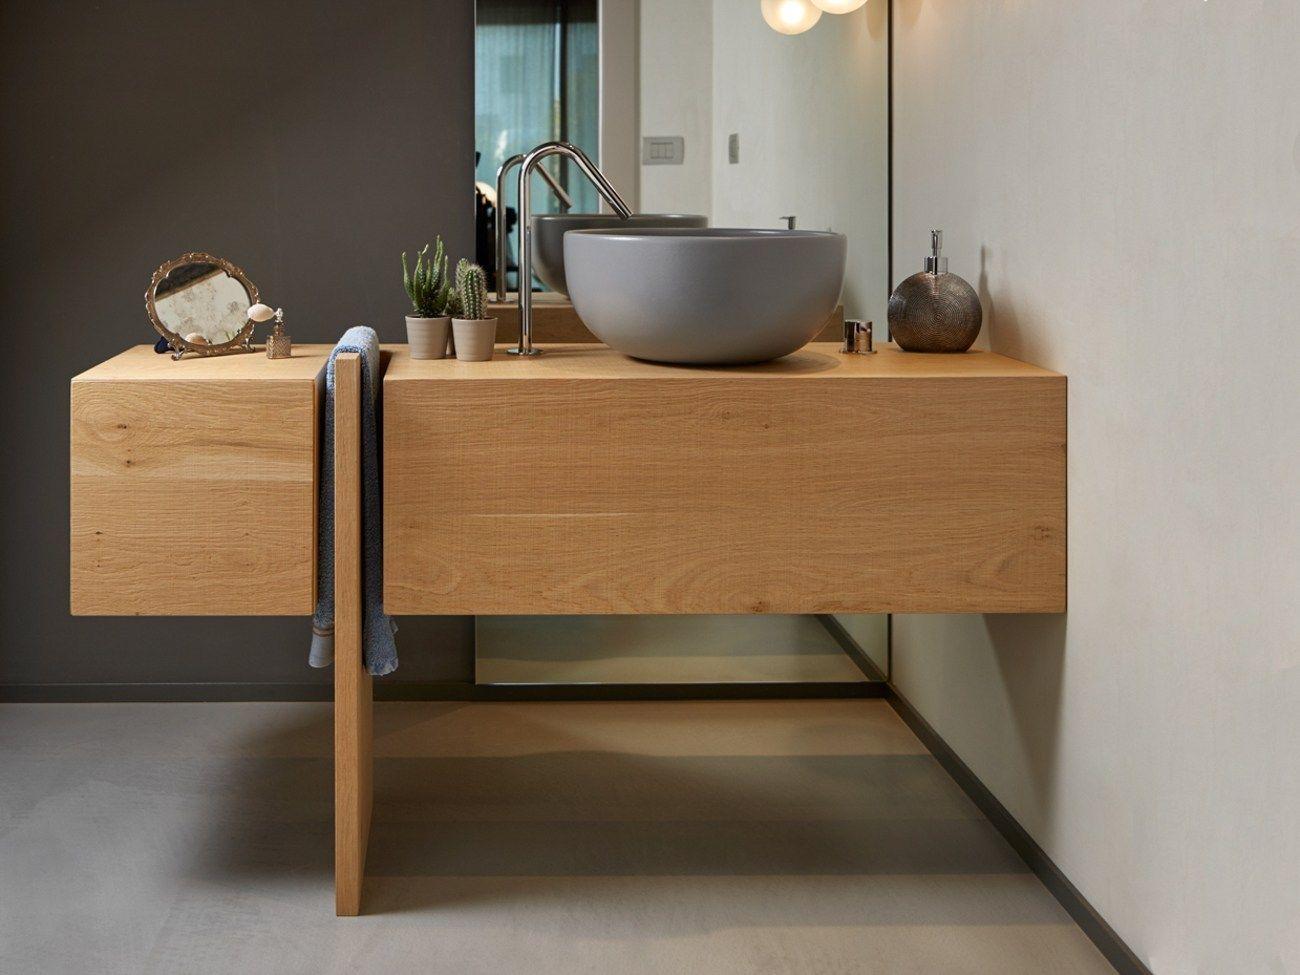 Bagno Stile Minimalista : Minimalista bagno metri quadri scaricare u design per la casa